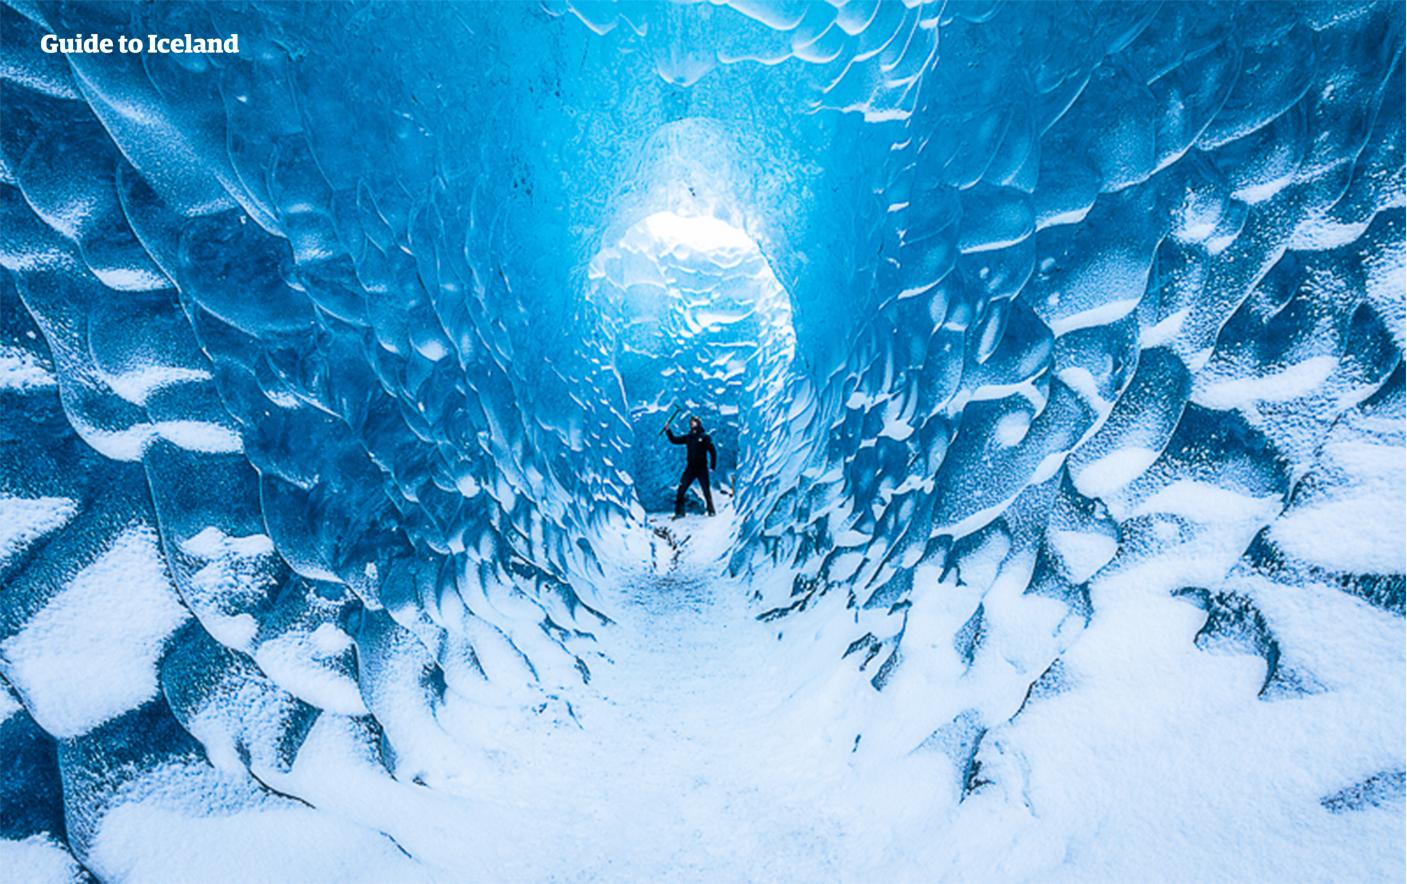 11-дневный зимний автотур | Природа Южного побережья и Западная Исландия